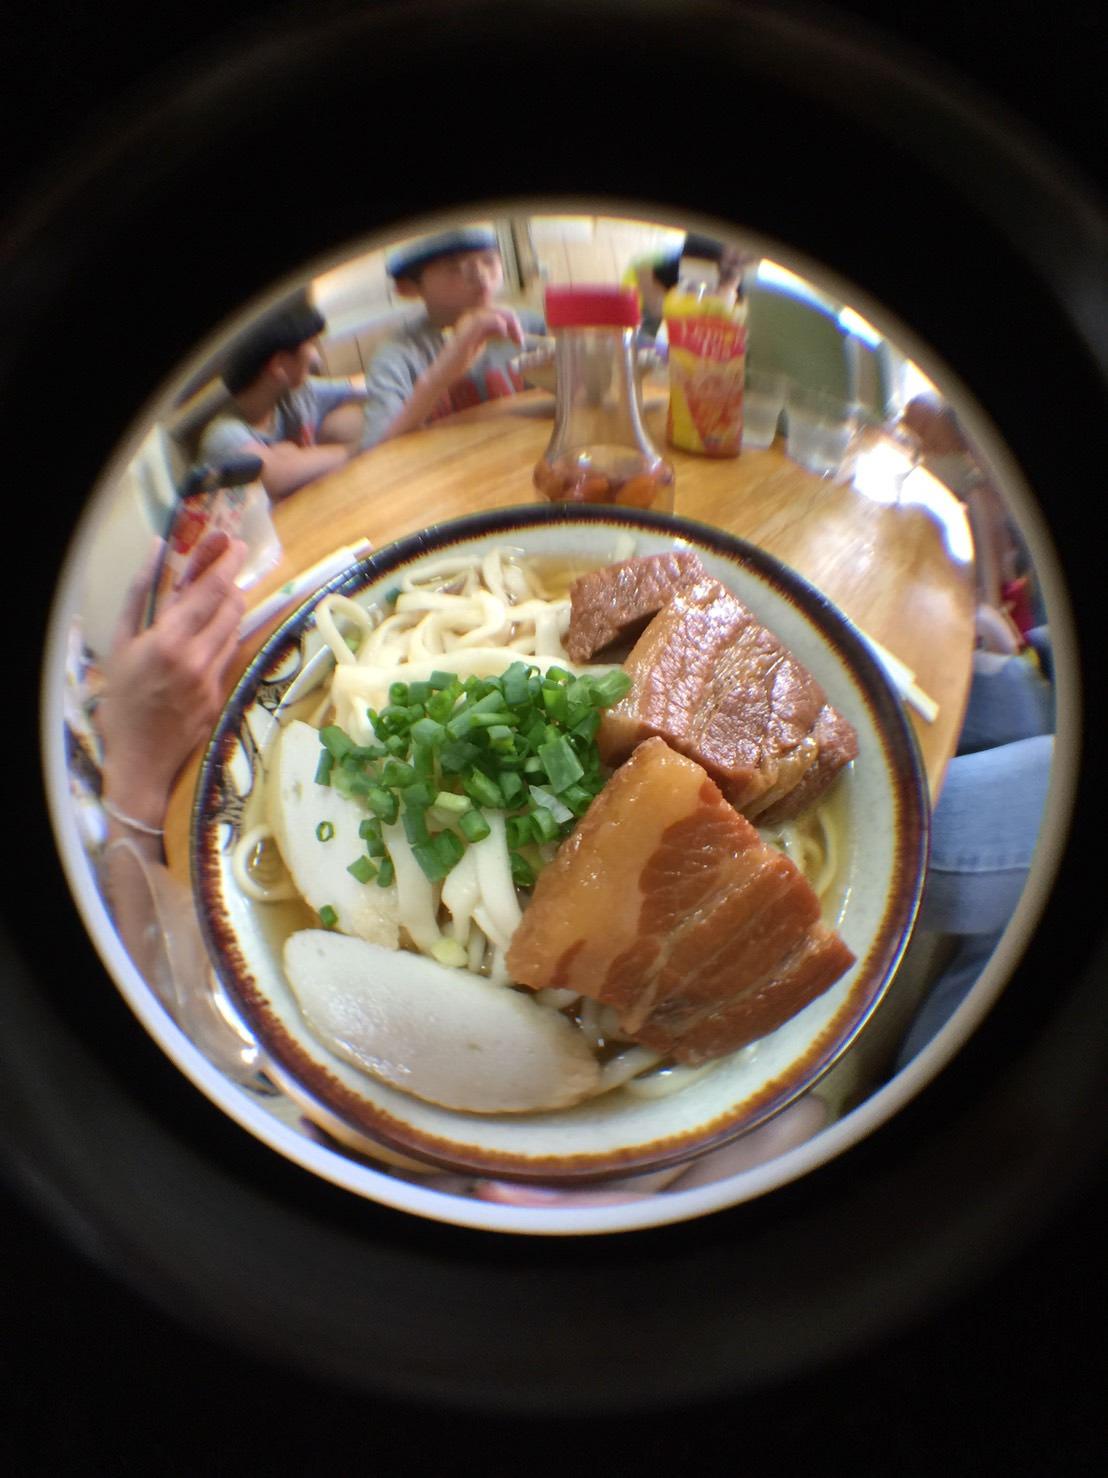 2016 沖繩親子旅遊♥ 私房美食『岸本食堂-きしもと食堂』第一名手作麵料理♥阿部寬也來吃過唷(≧∇≦)/